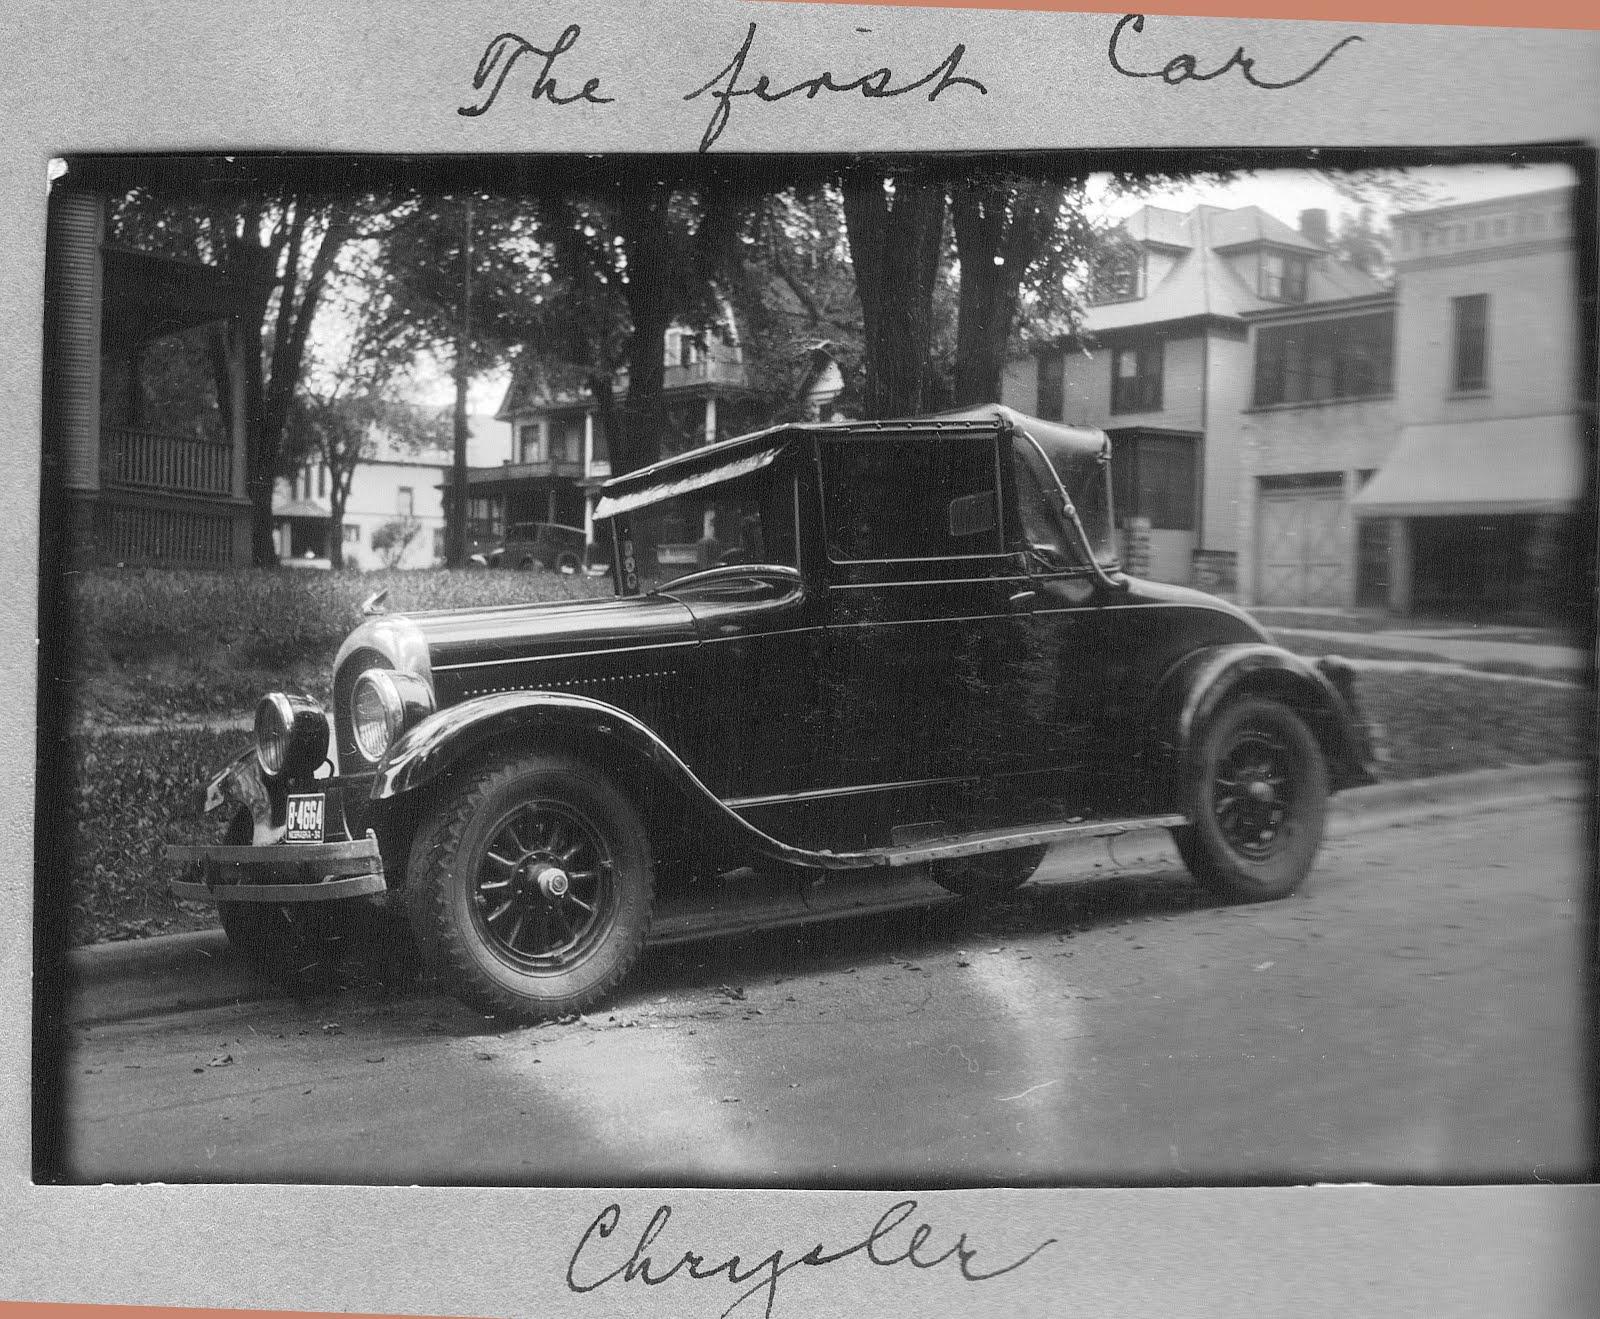 Hasler History: Prusse/Hasler Cars & Boats 1920-2016